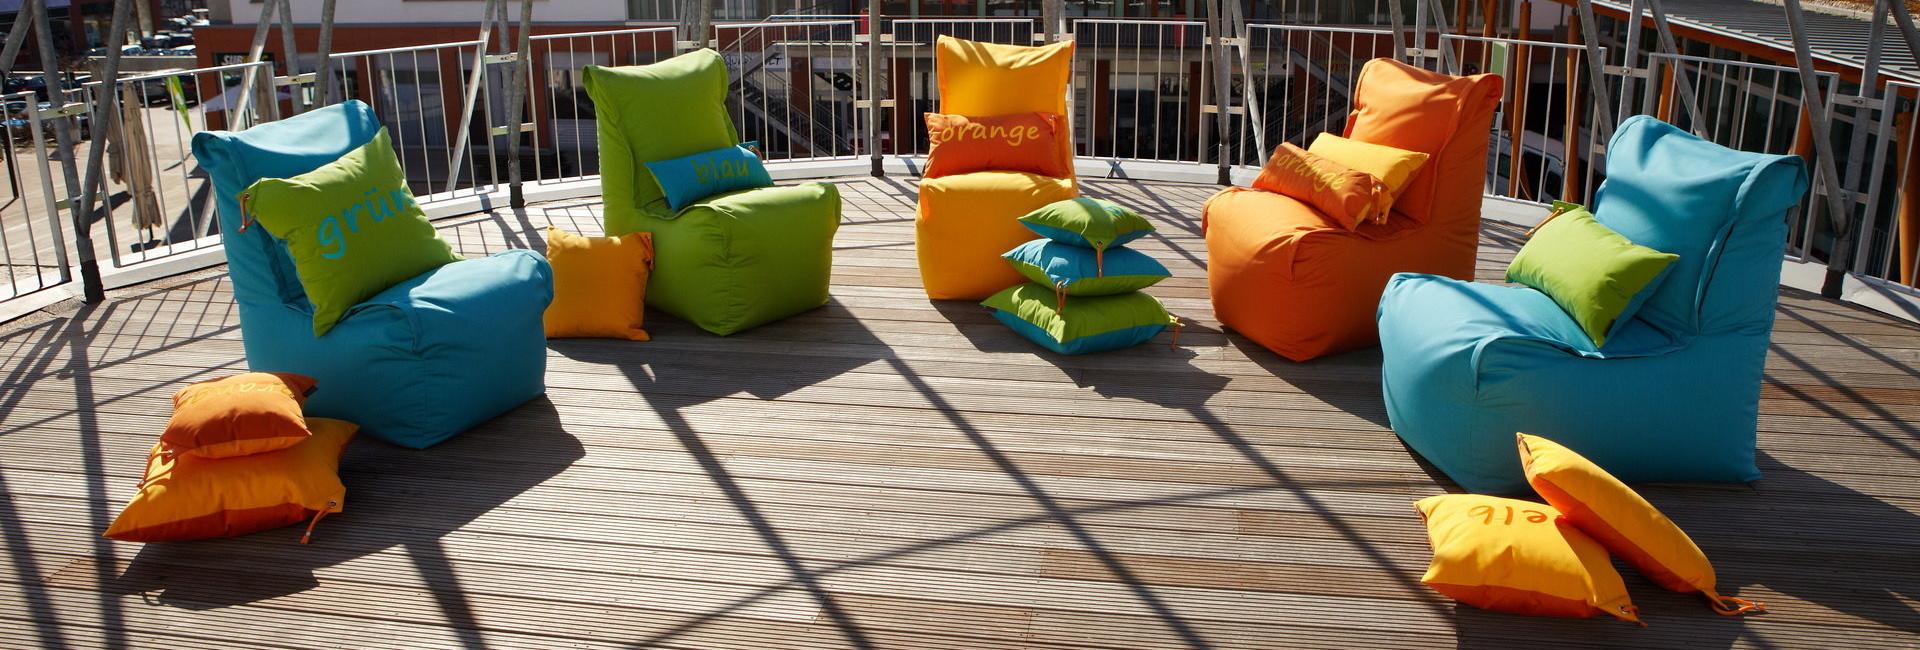 Ihr Partner für Rollladen, Rolltore und Sonnenschutztechnik